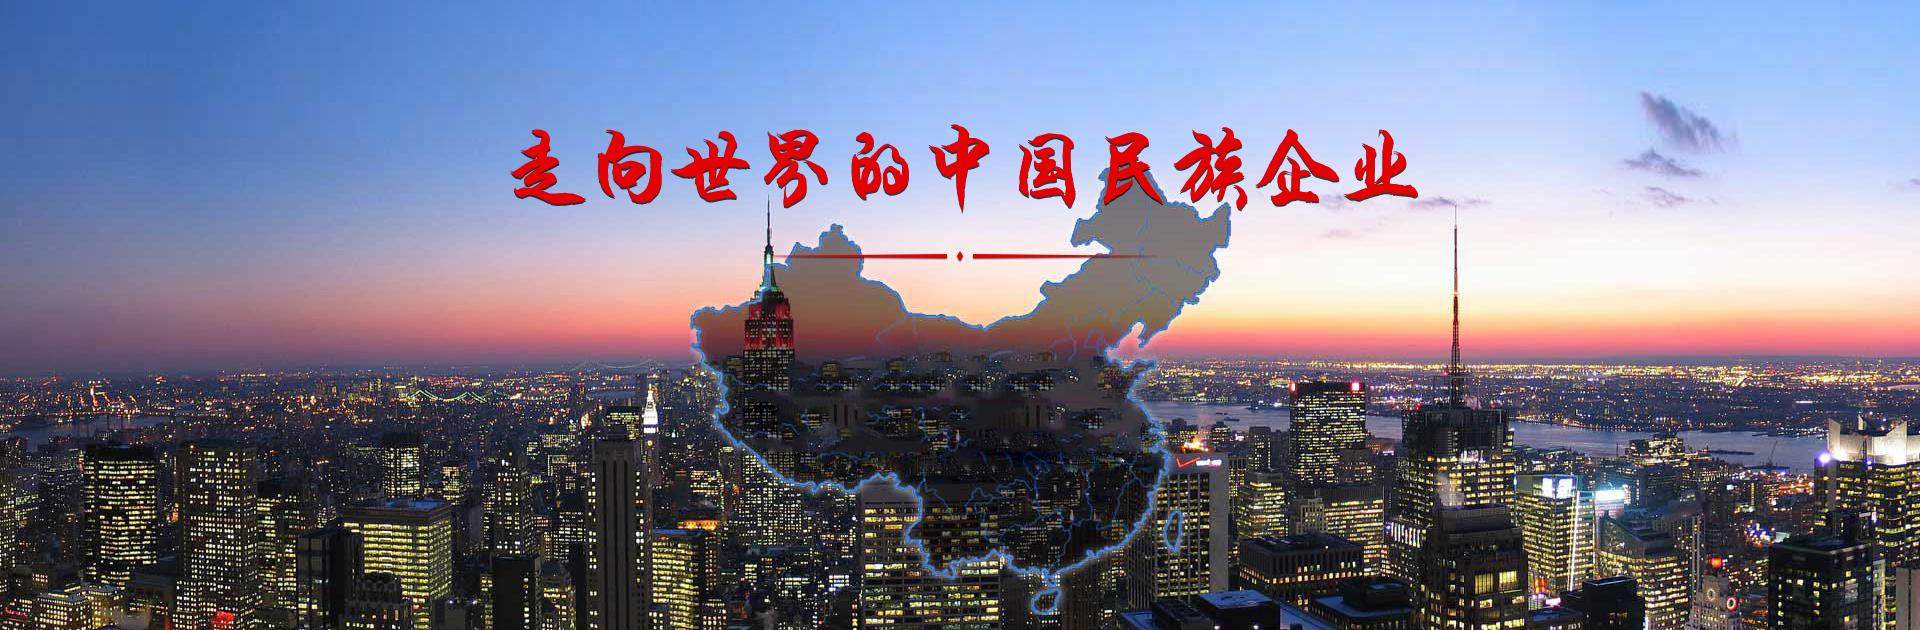 中城汇建设工程集团有限公司